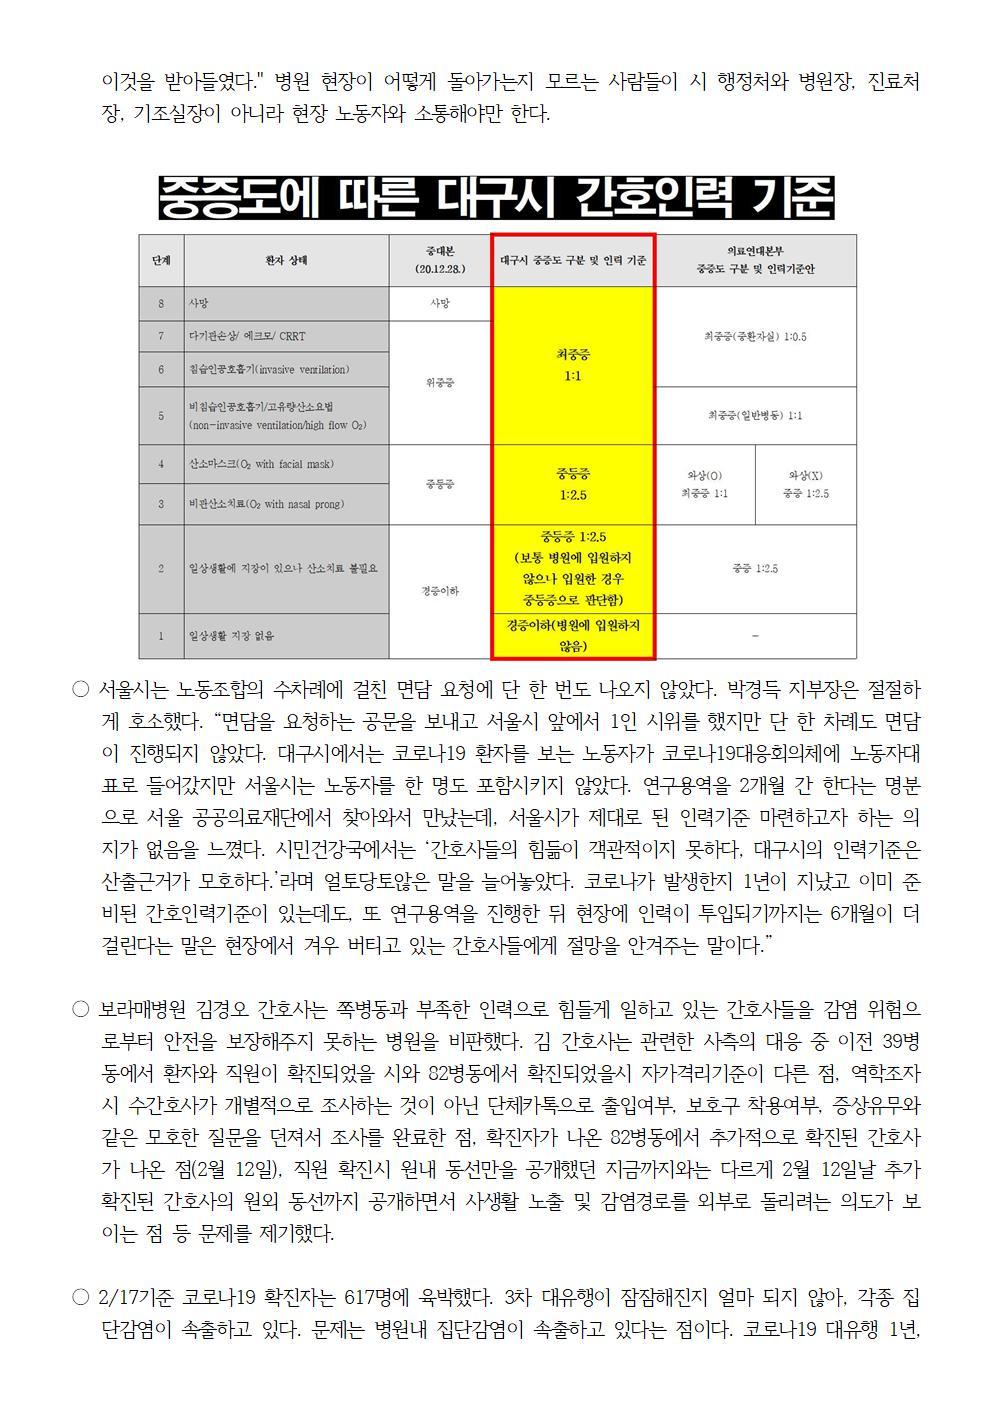 210218_보도자료_코로나19발생_1년_서울시보라매병원_규탄003.jpg